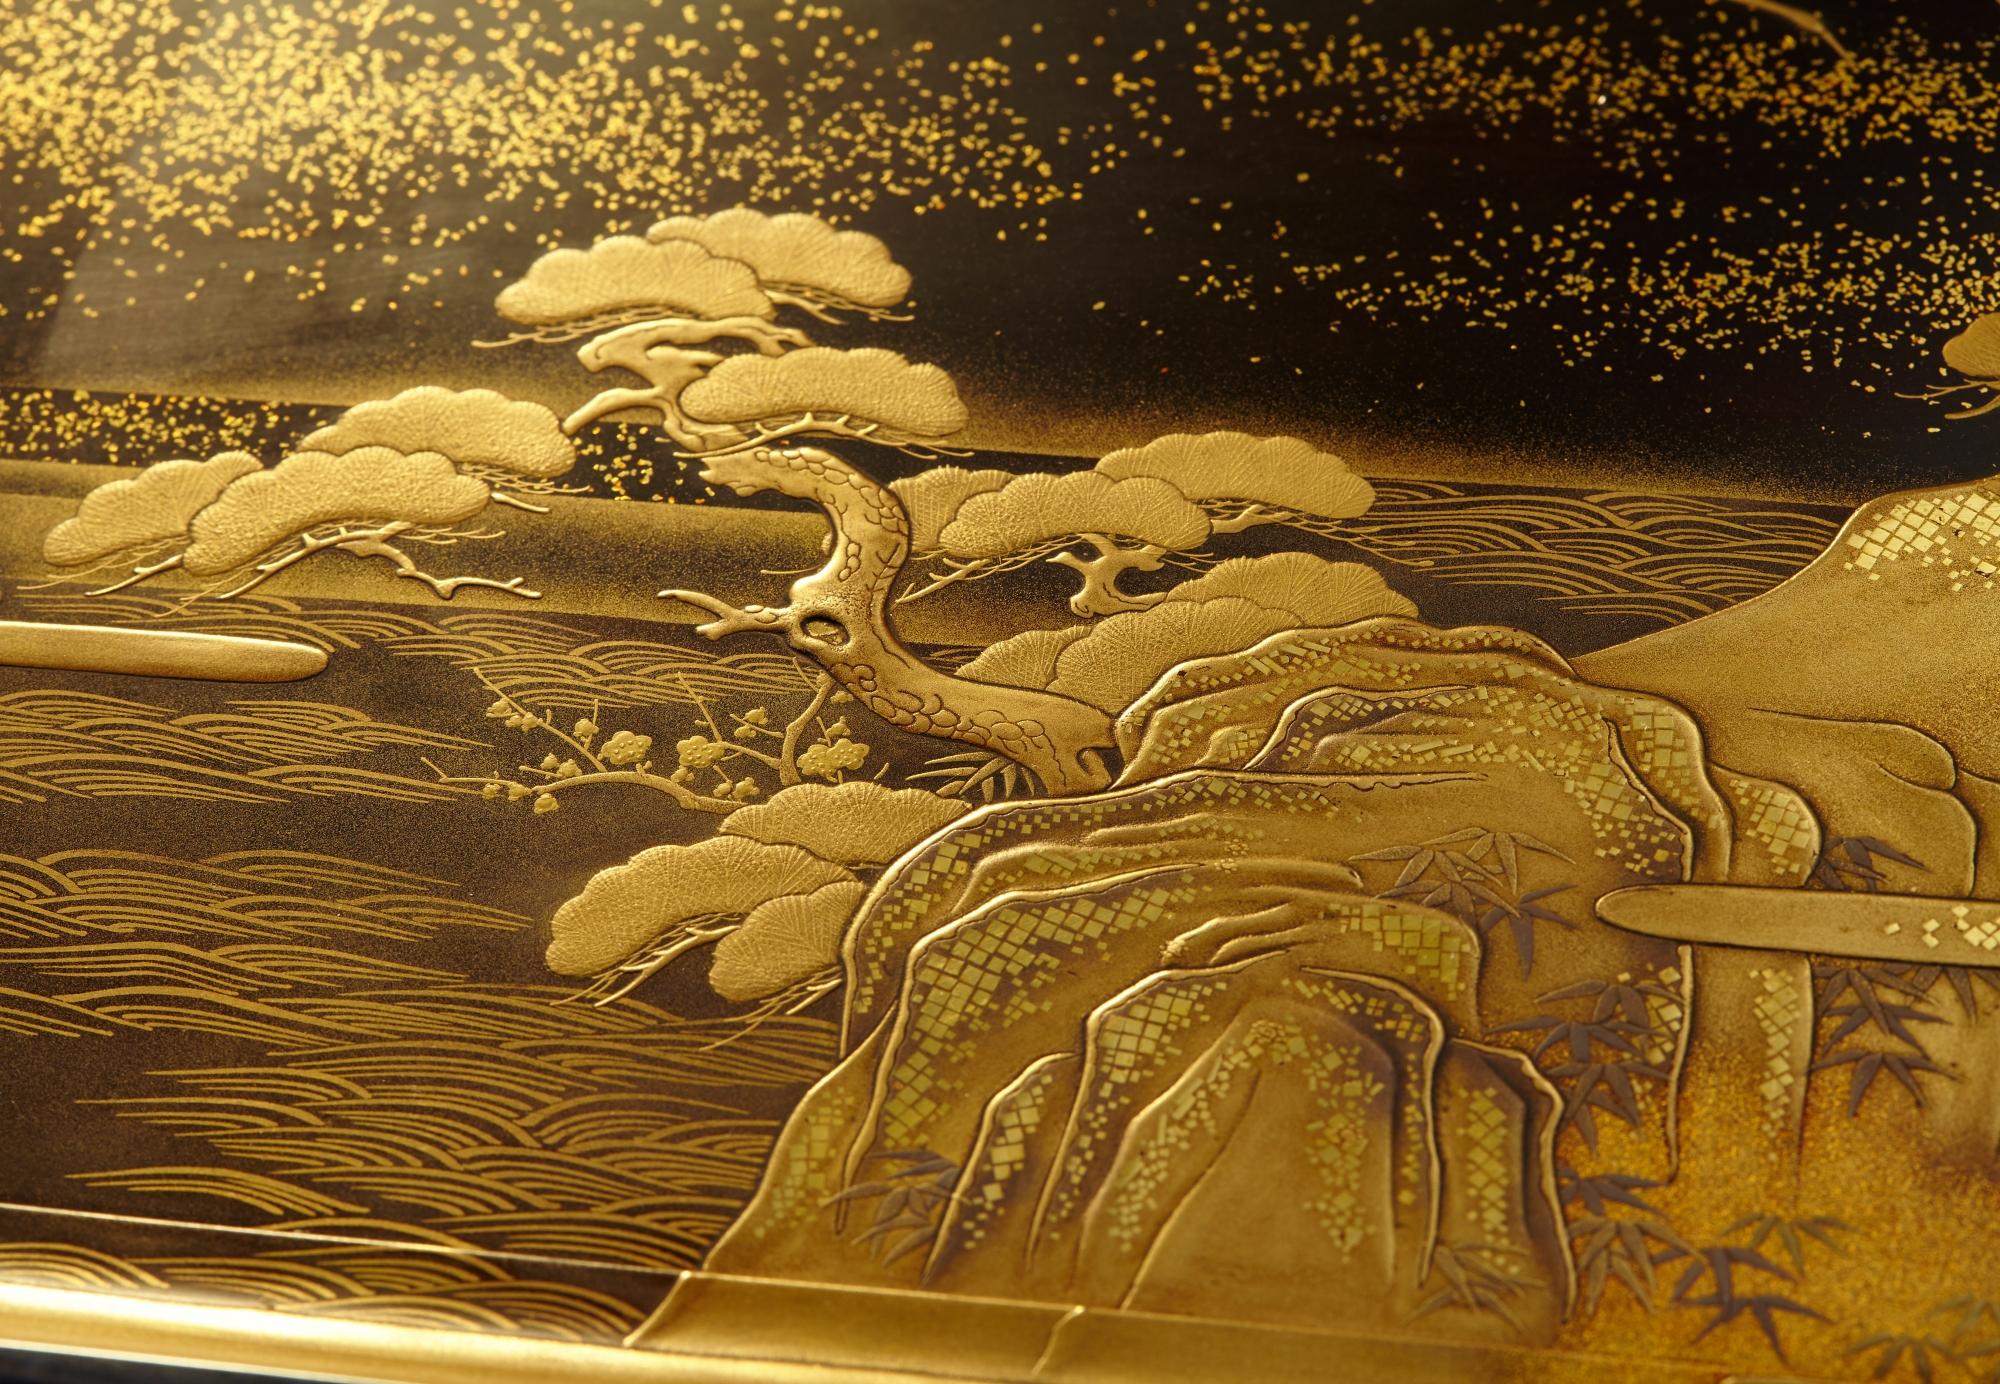 松竹梅鶴香盆画像2